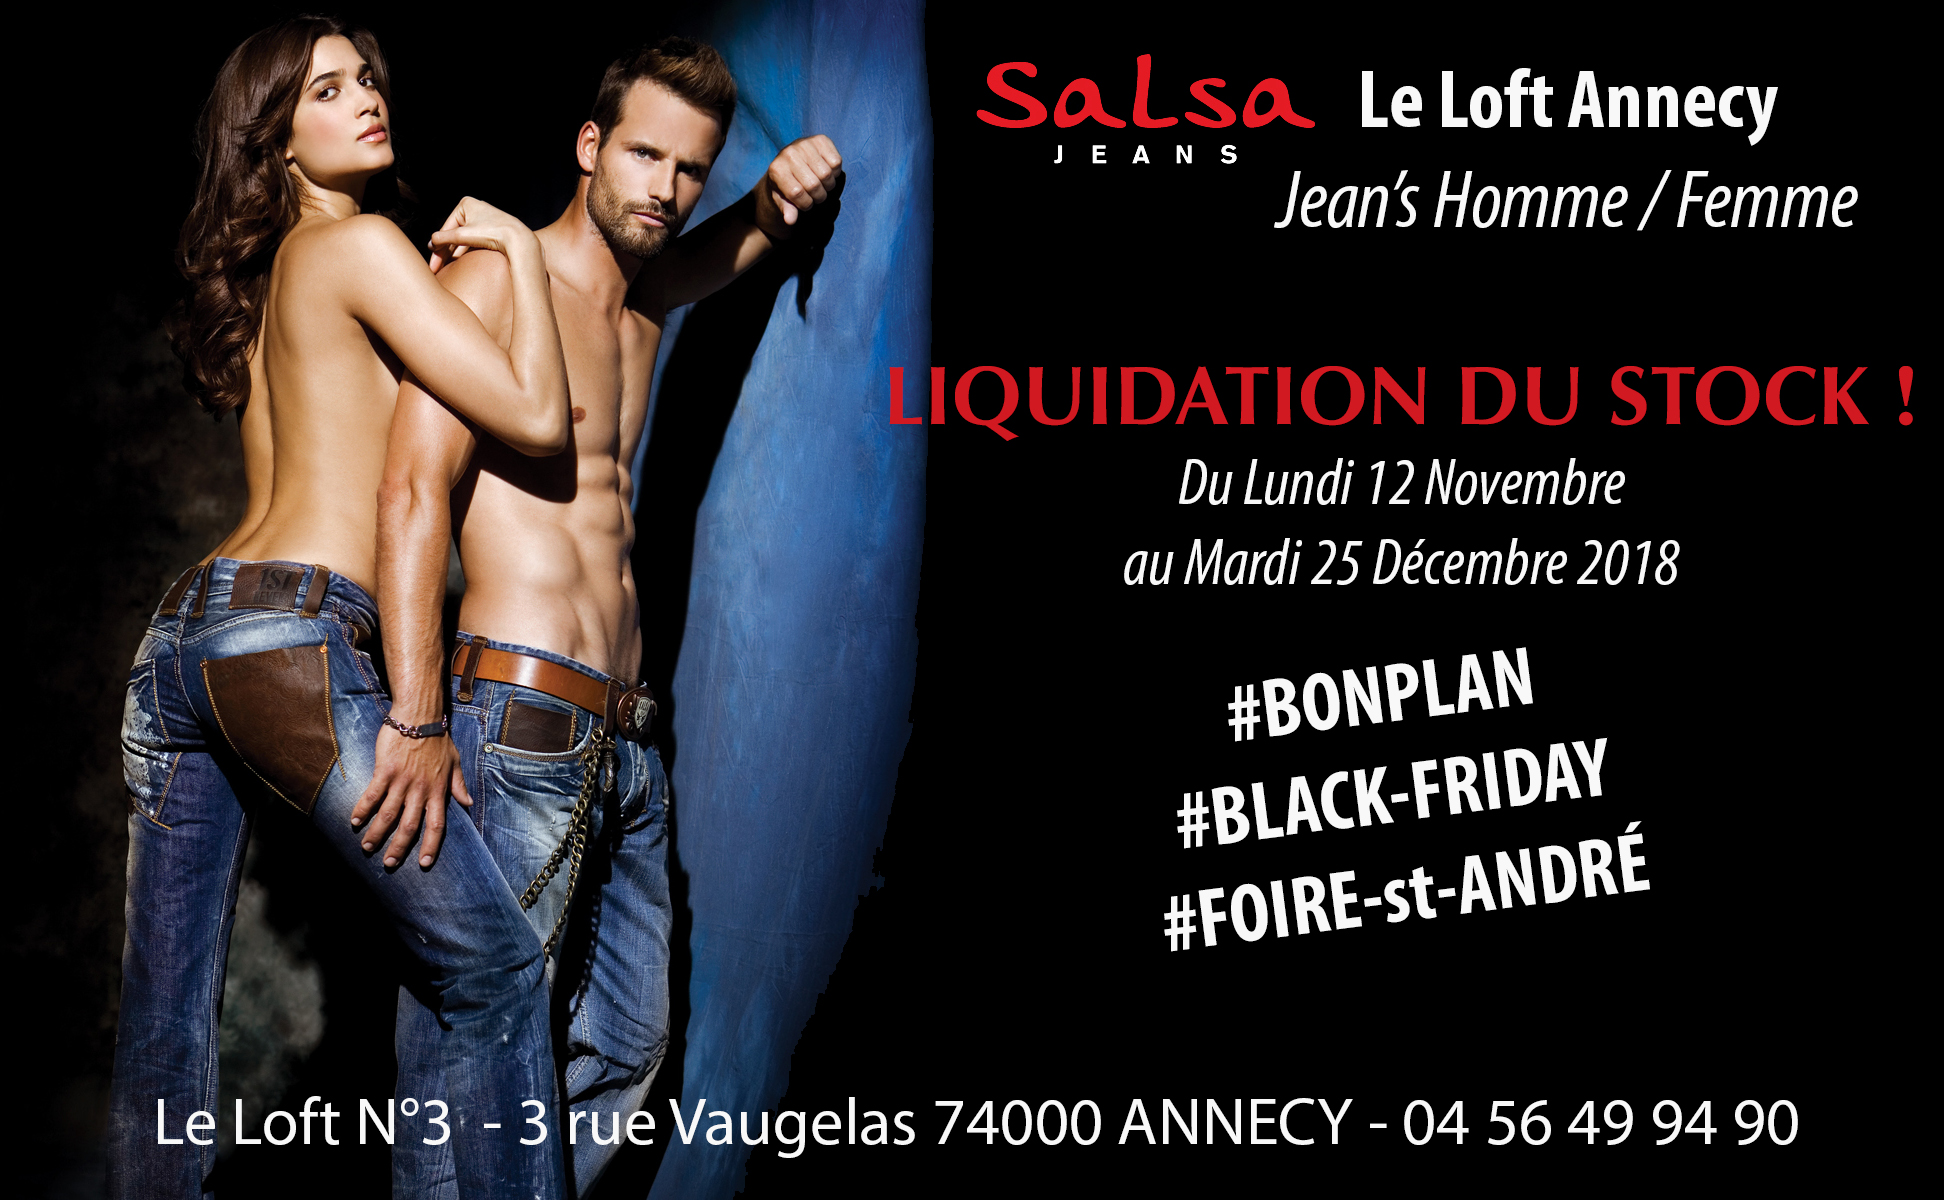 #COUPONING Le Loft Annecy / Salsa / Grosse liquidation de Jeans à Annecy avant les fêtes !